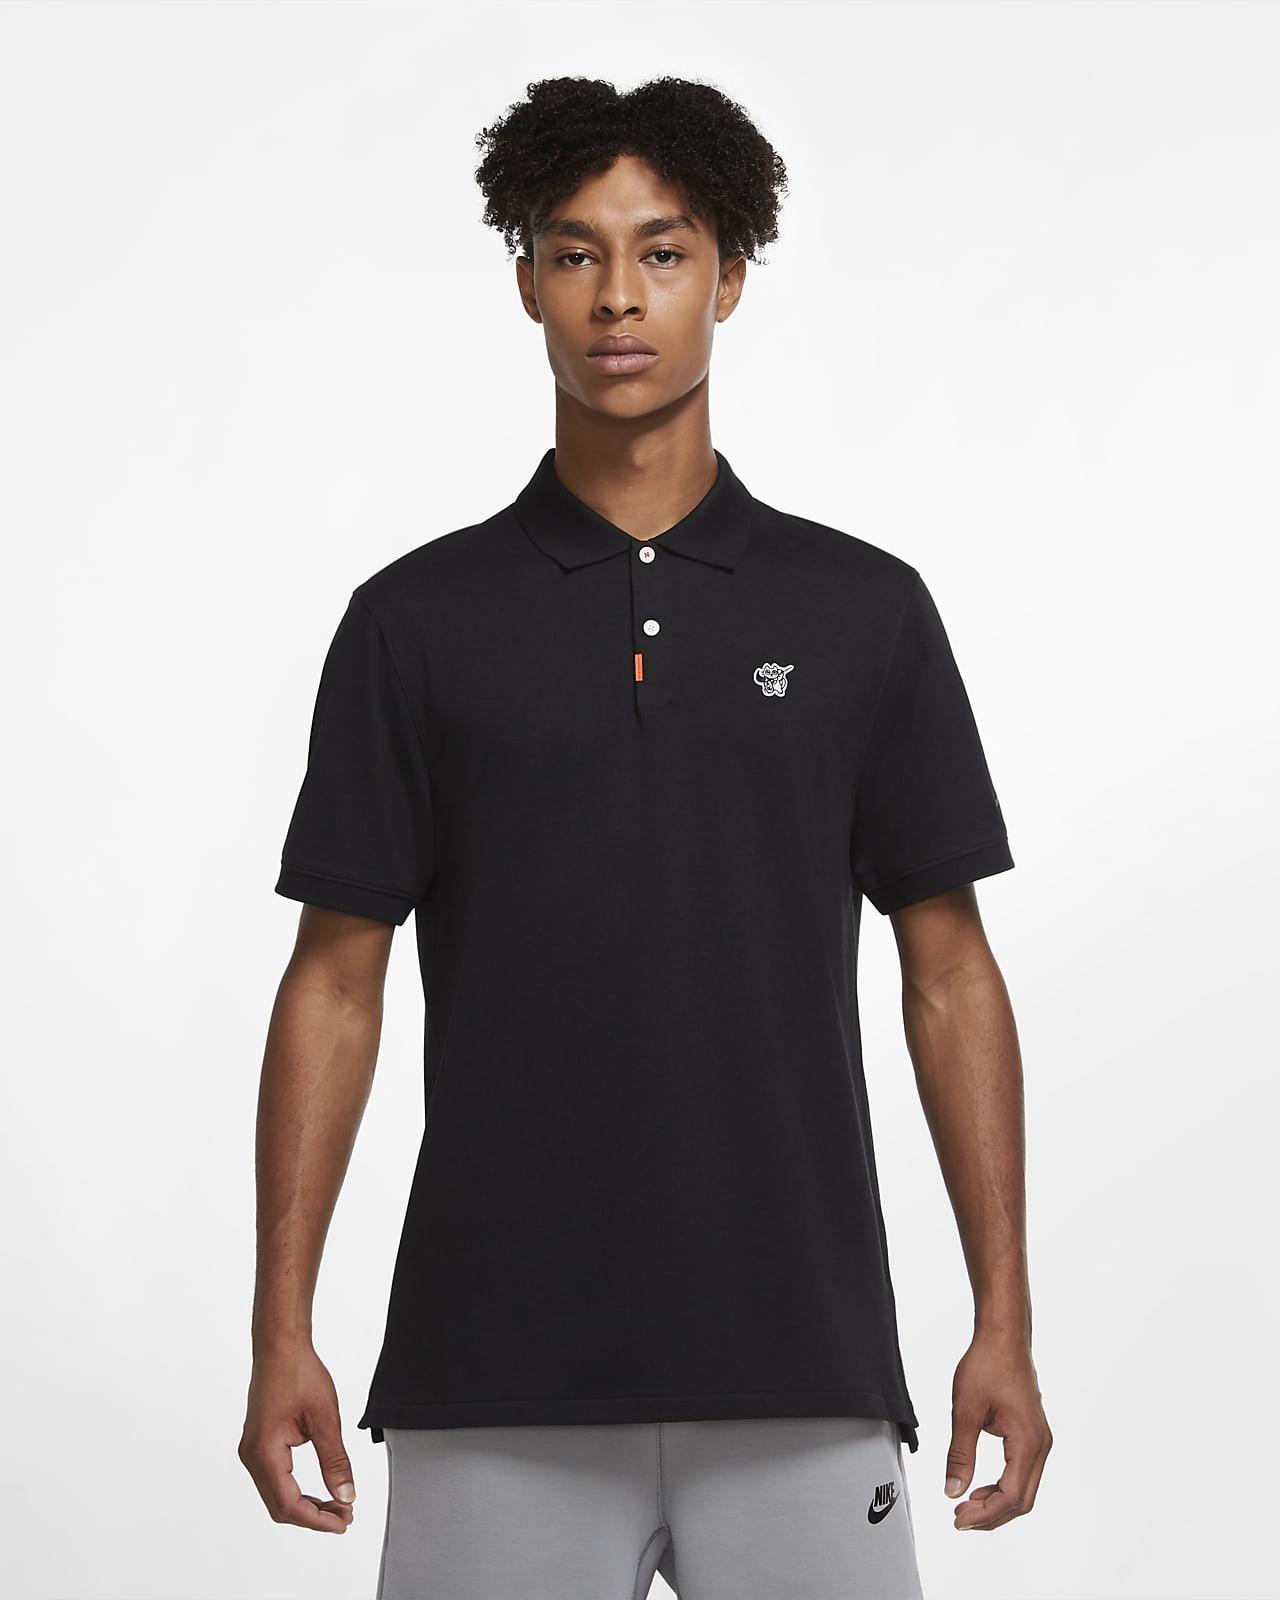 เสื้อโปโลทรงเข้ารูป Nike Polo Naomi Osaka